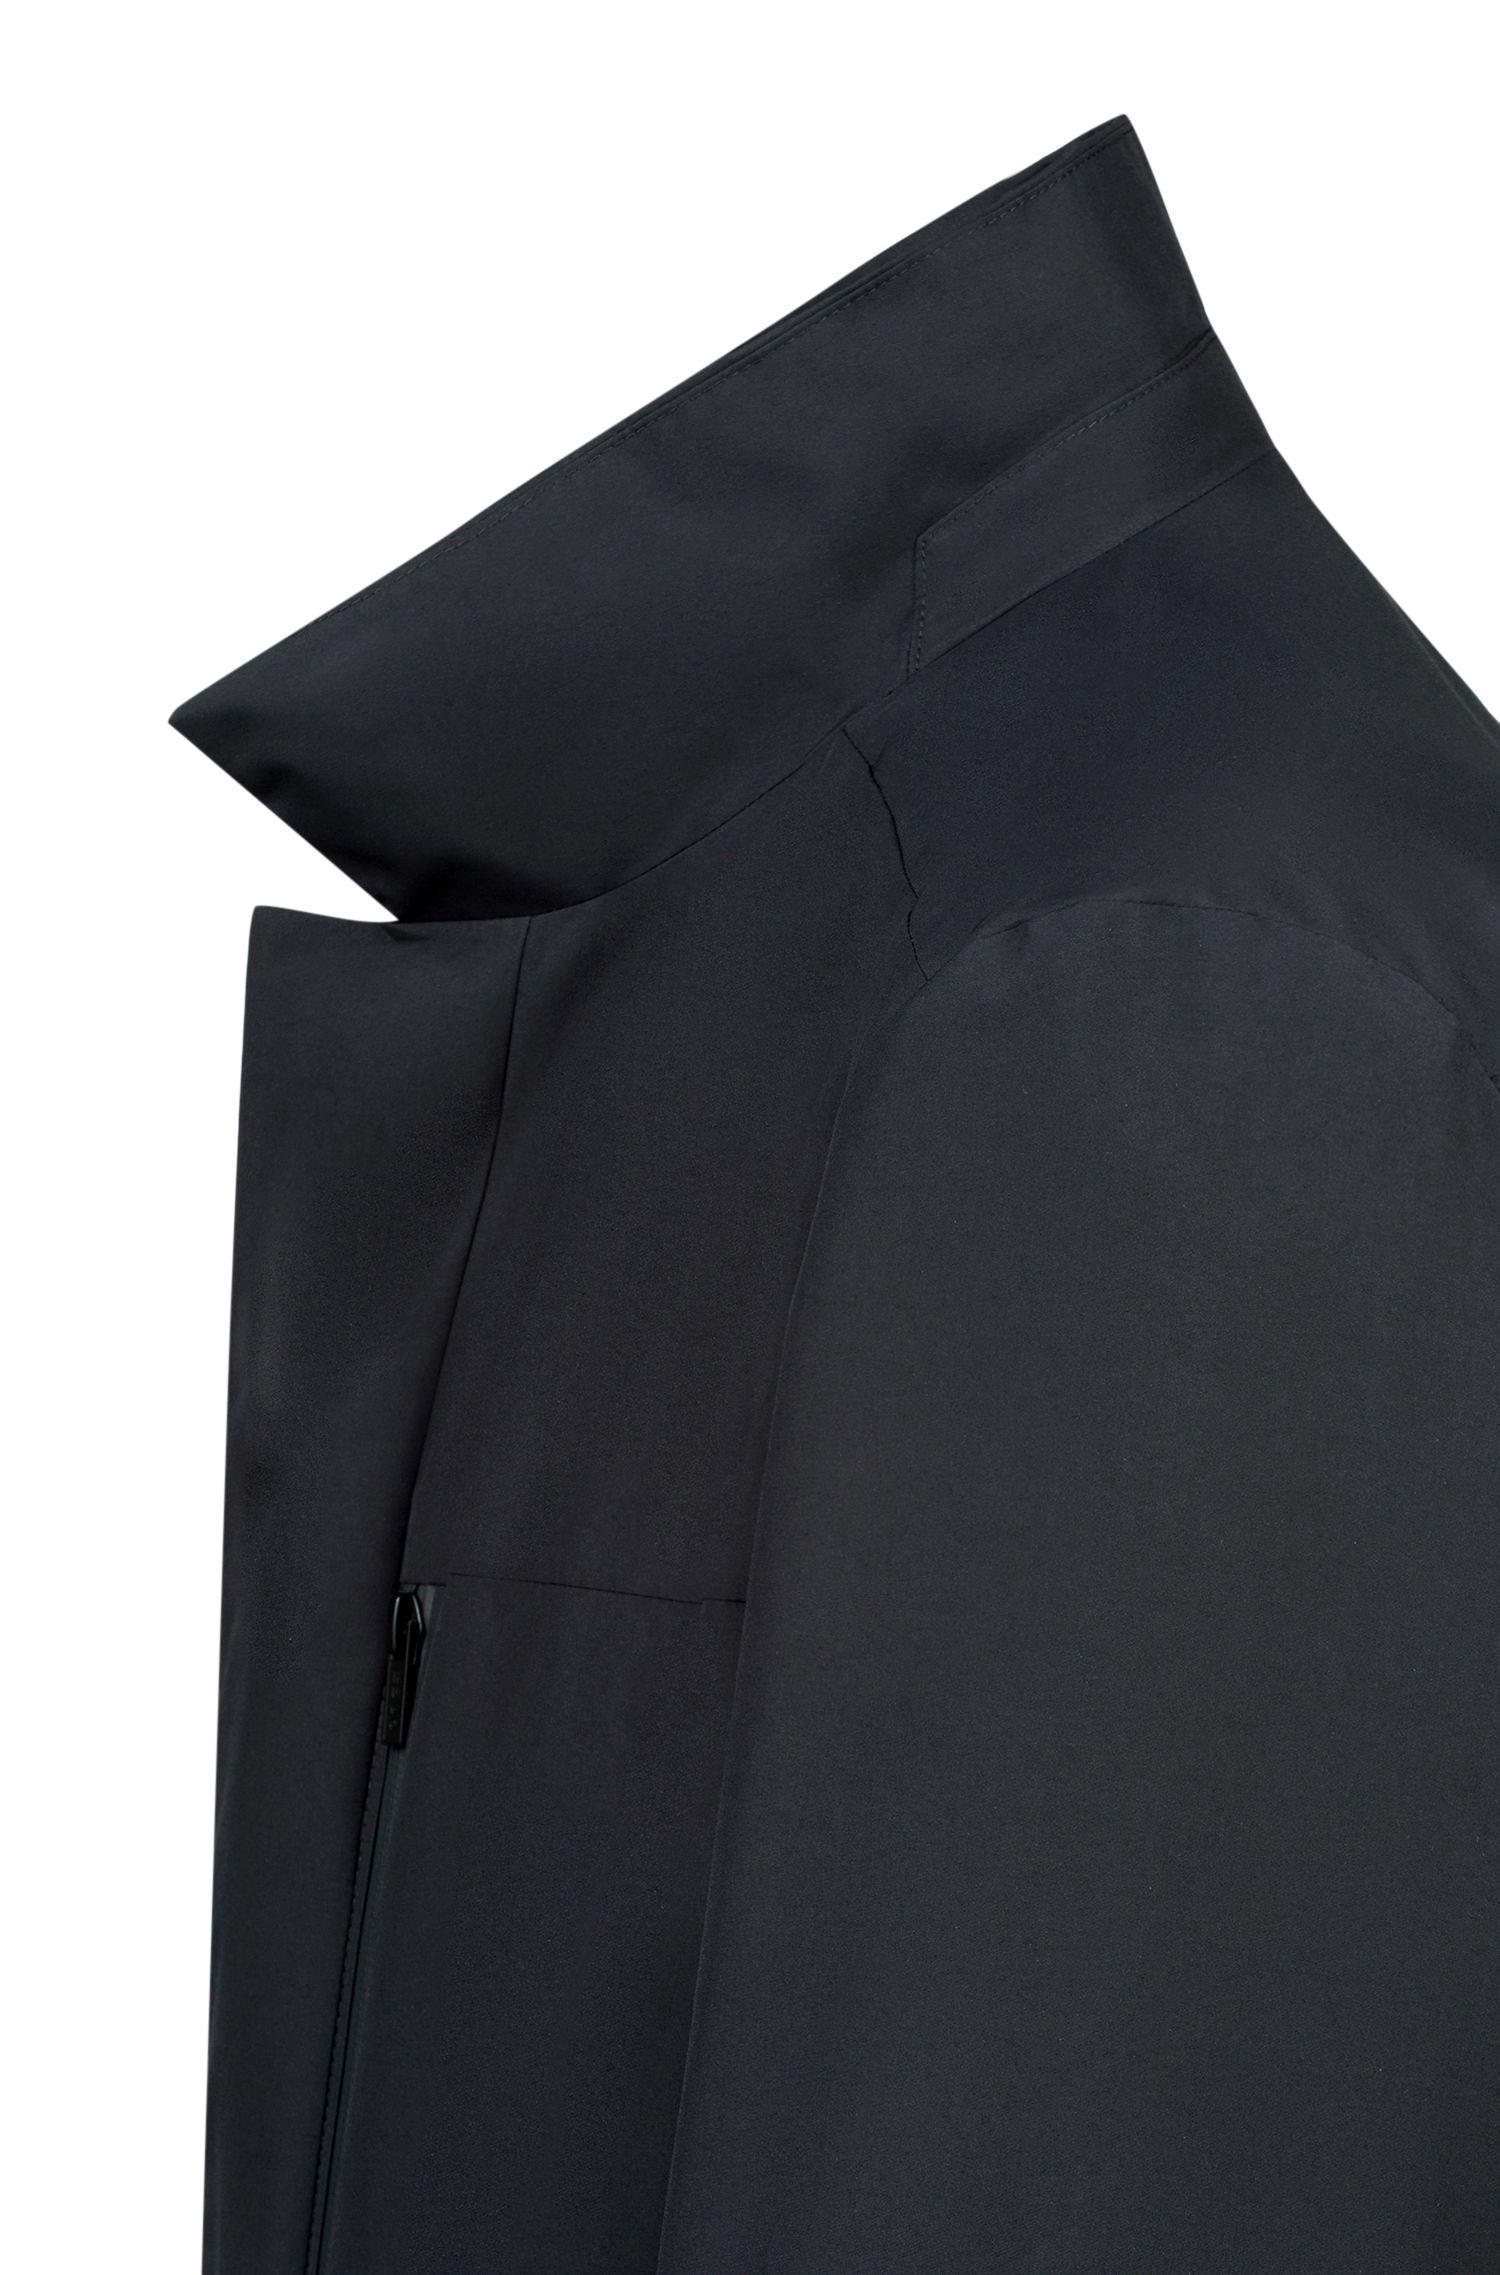 Wasserabweisende Jacke mit abnehmbarem Stehkragen, Schwarz